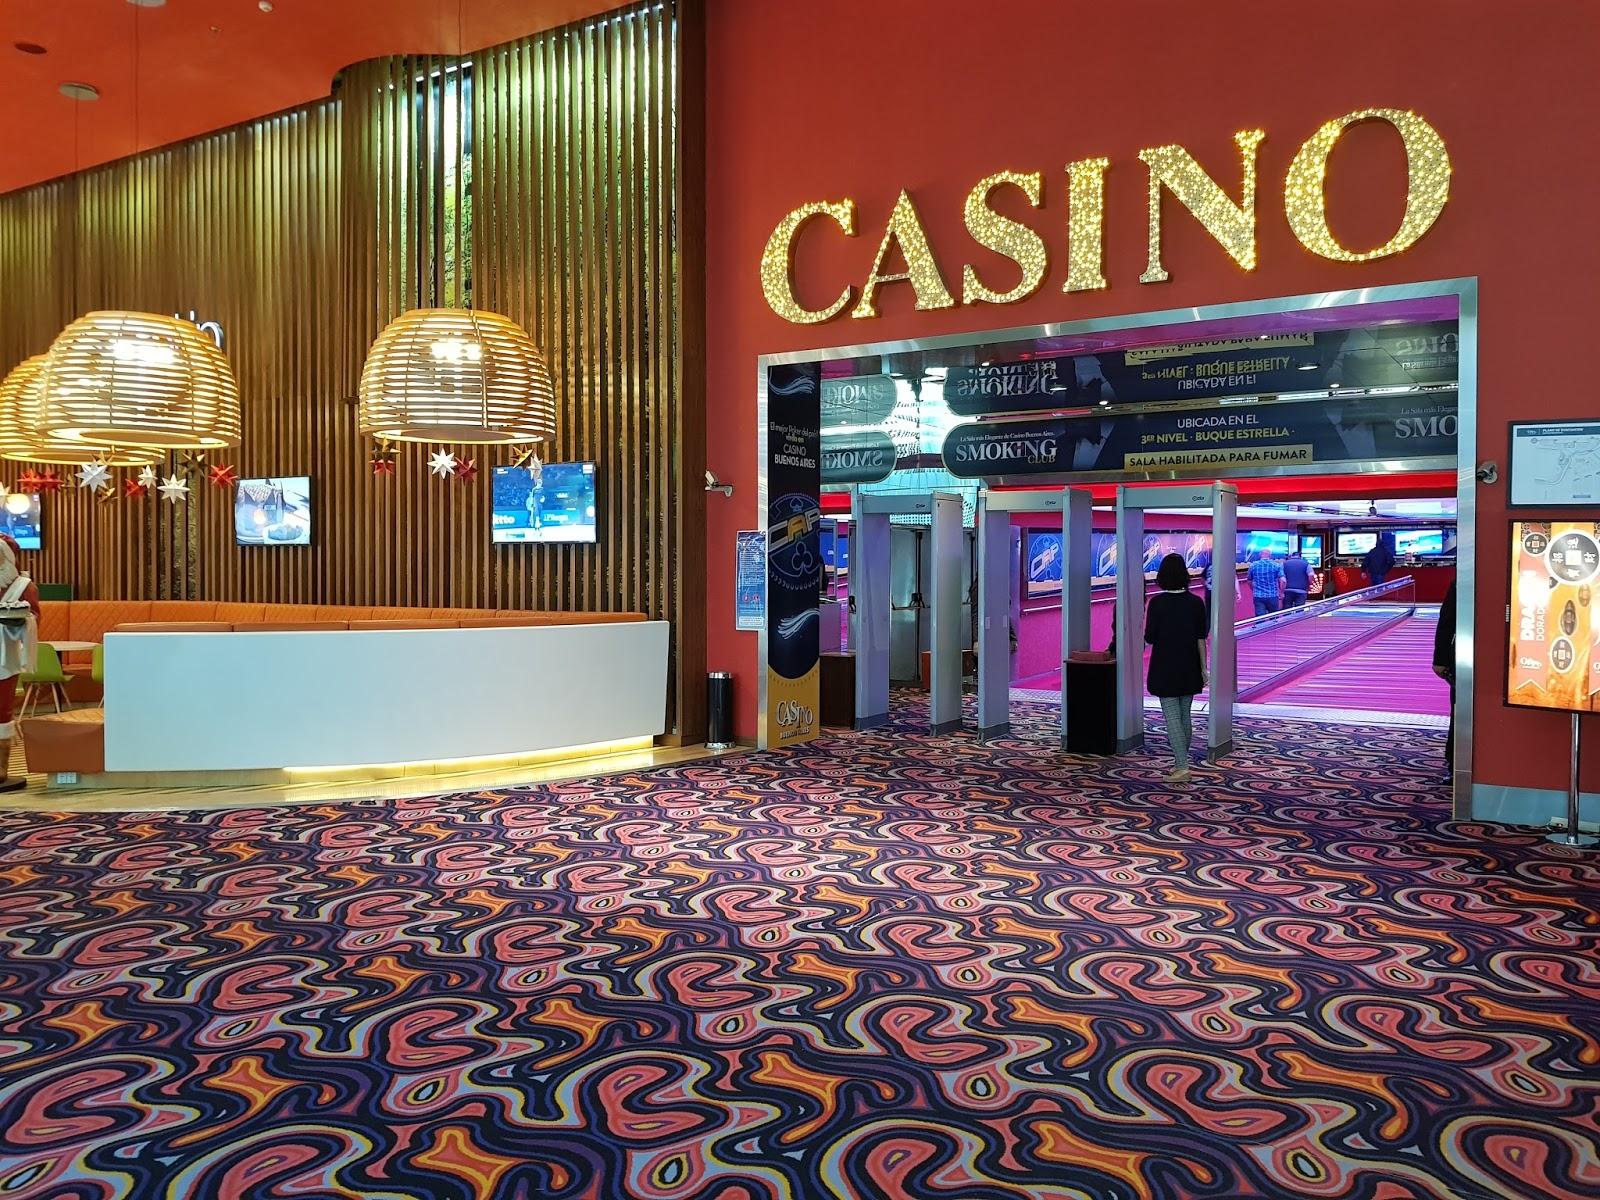 Codigo casino existen en Buenos Aires-28134